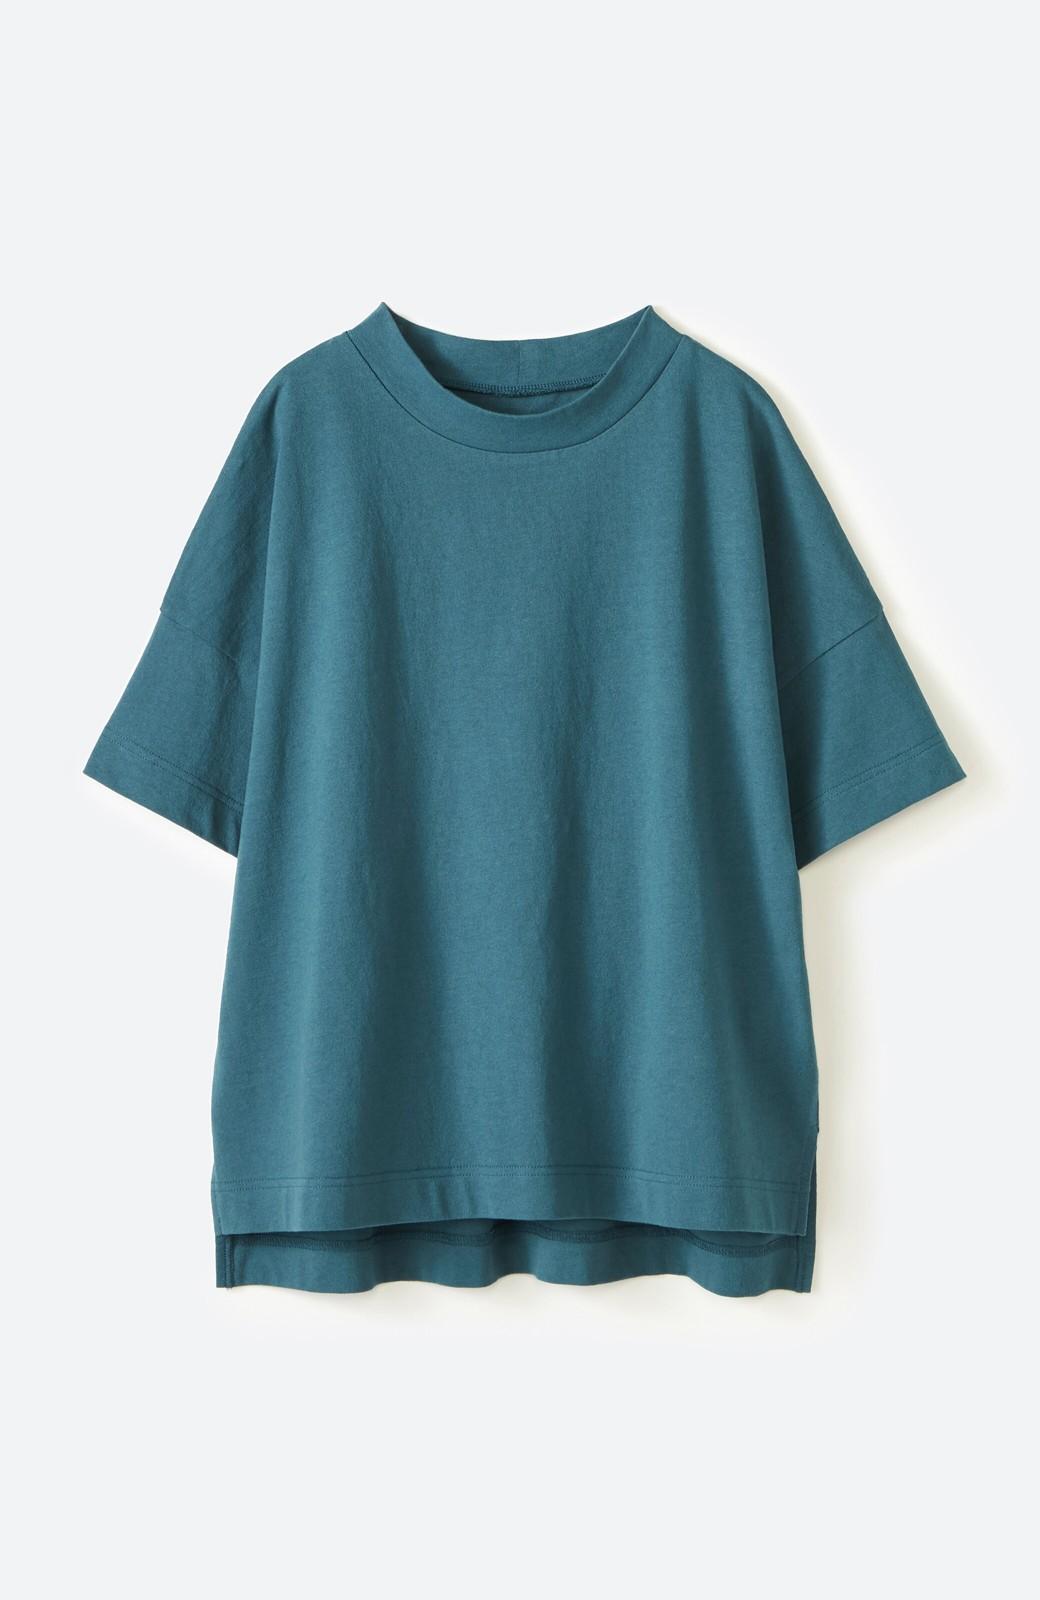 haco! じゃぶじゃぶ洗えて毎日づかいに便利!コーデに迷わず便利なモックネックTシャツ <ブルー>の商品写真16